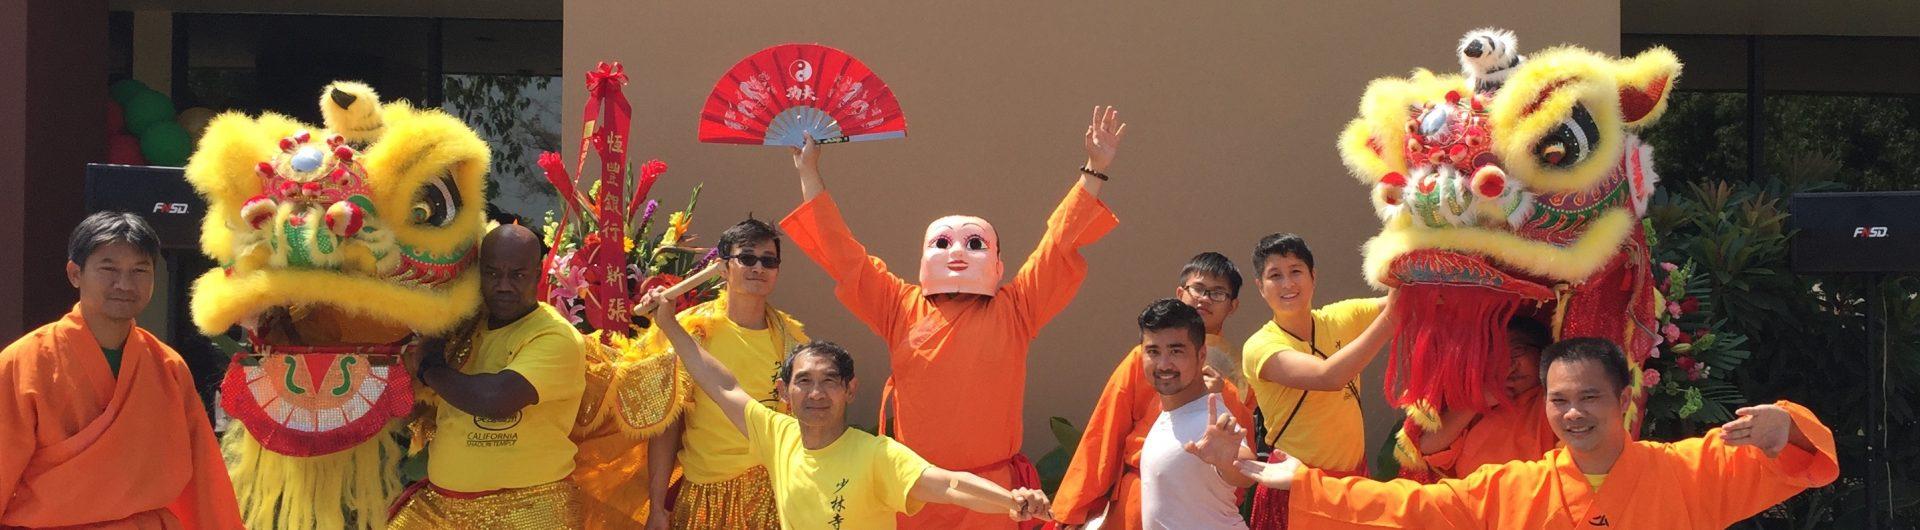 Shaolin Entertainment Group, Inc.,